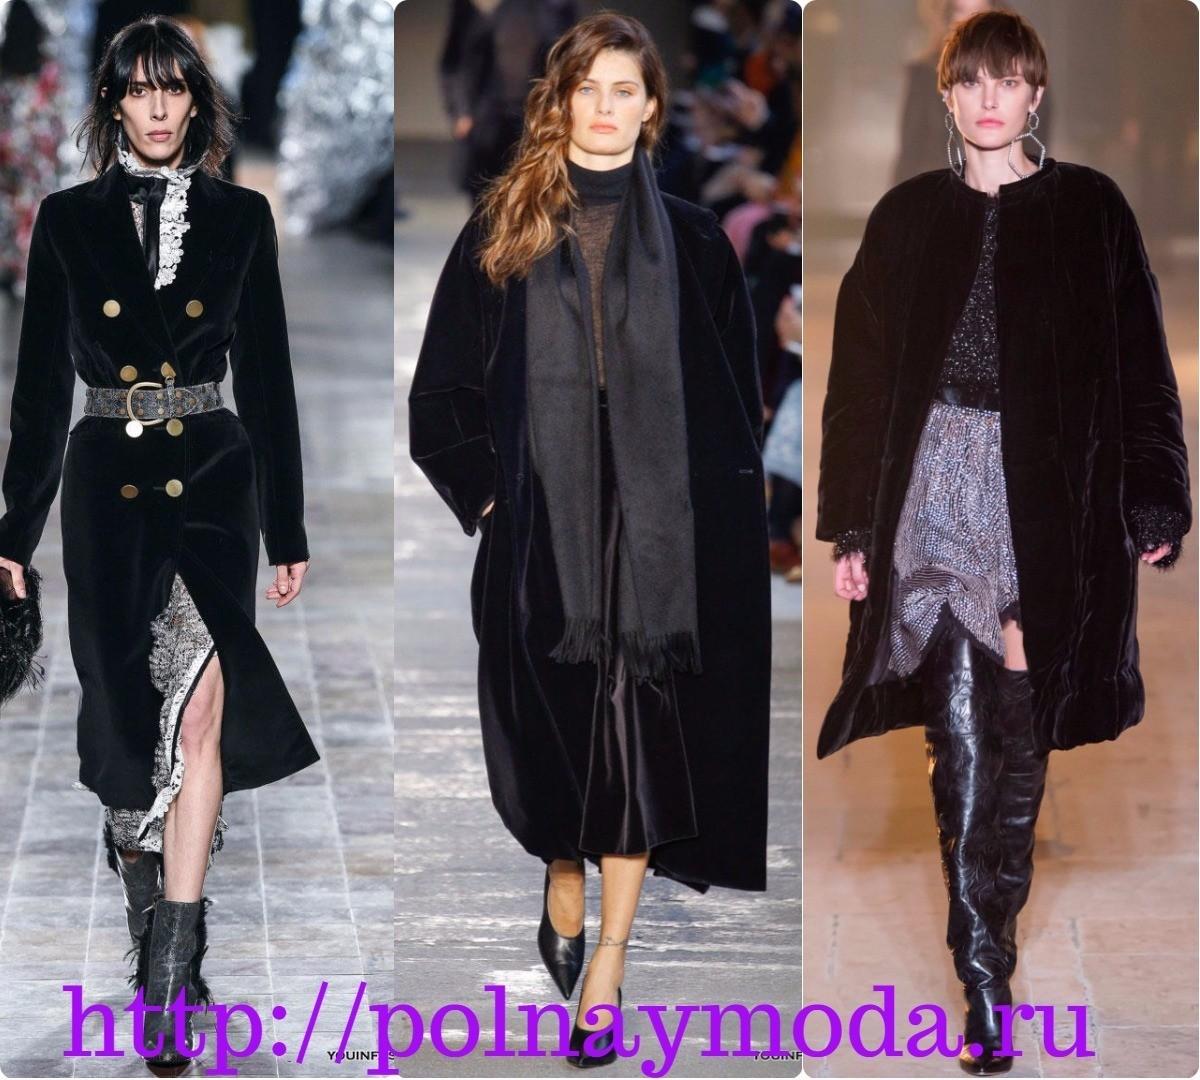 Бархатное пальто зимнее фото. Мода зима 2018 2019. черное классическое пальто из бархата.